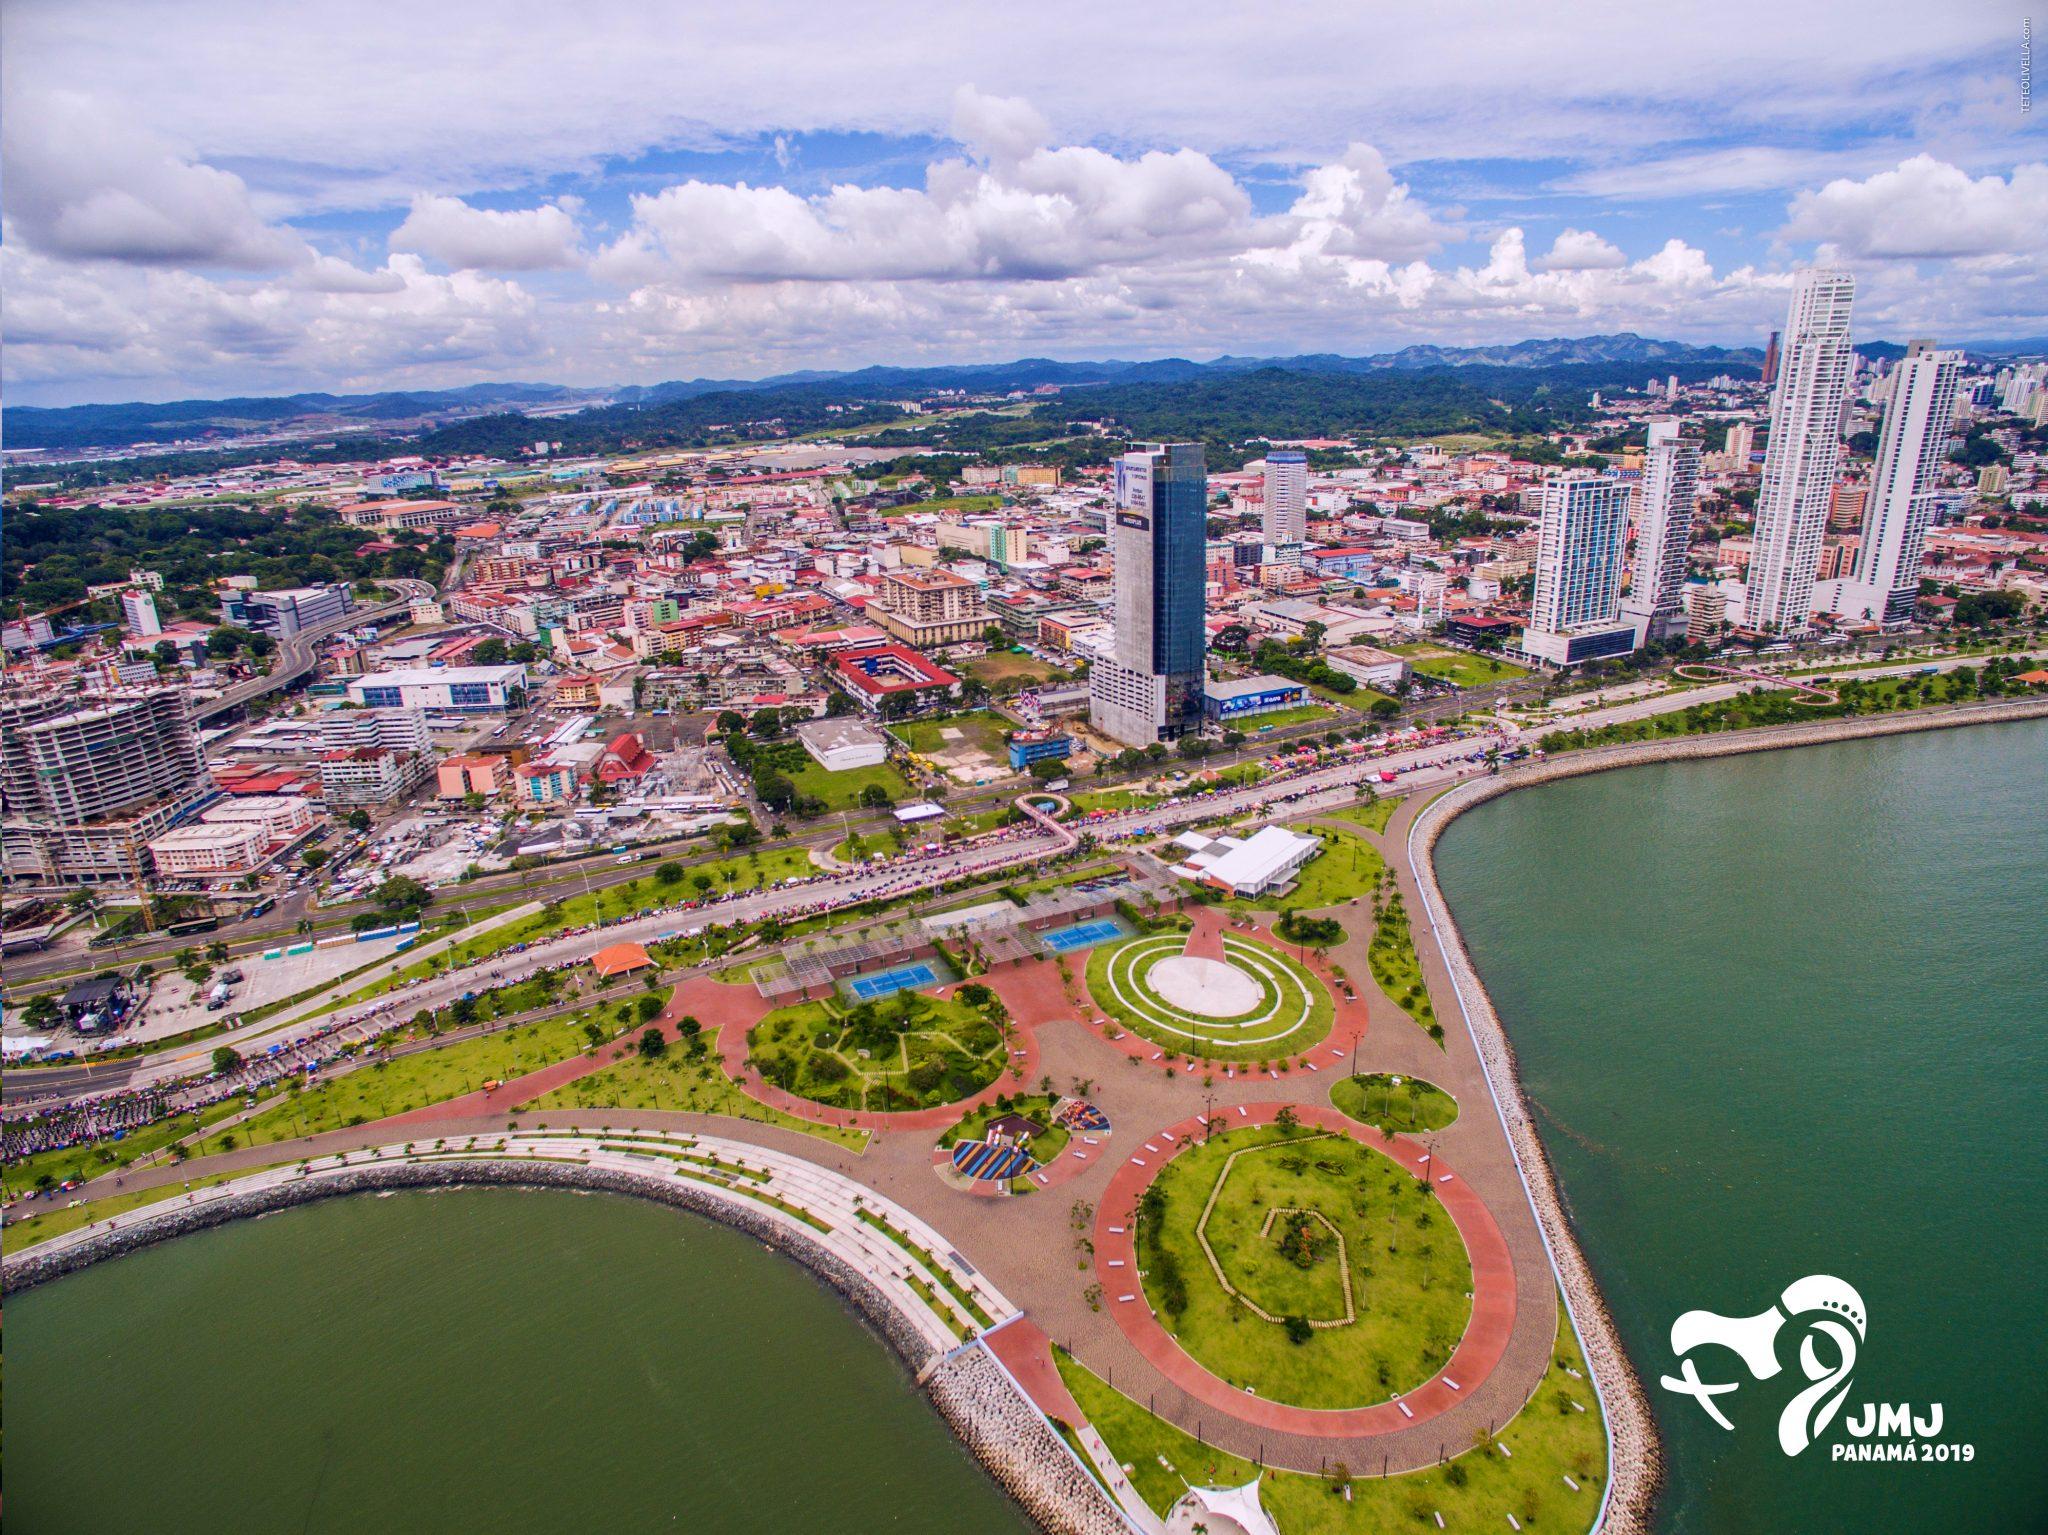 Sede oficial de los actos centrales de la  JMJ Panamá 2019